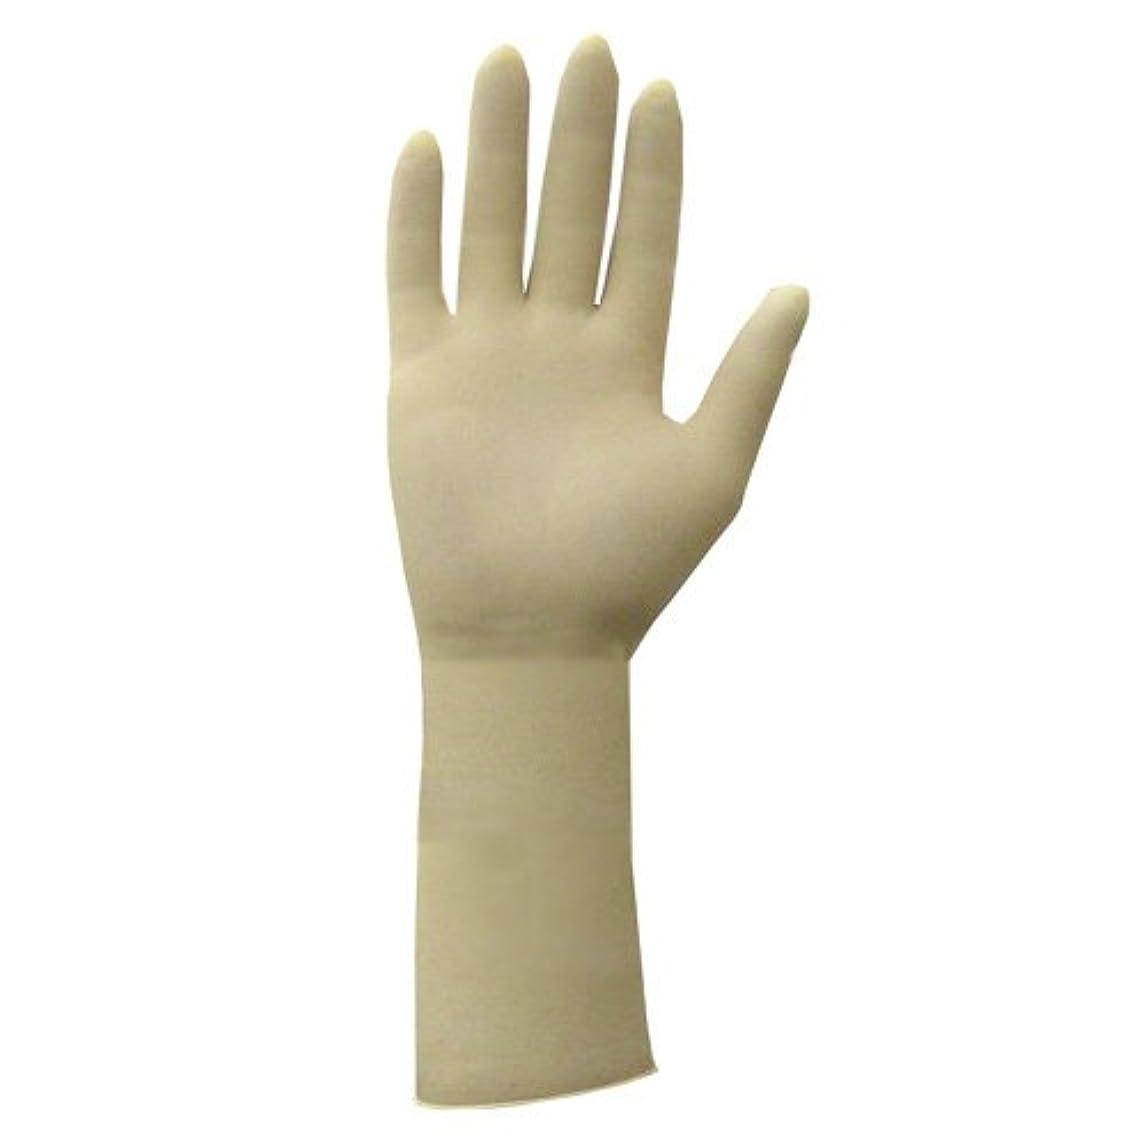 縫うマウンド前ロングラテックス手袋(L)1,000枚